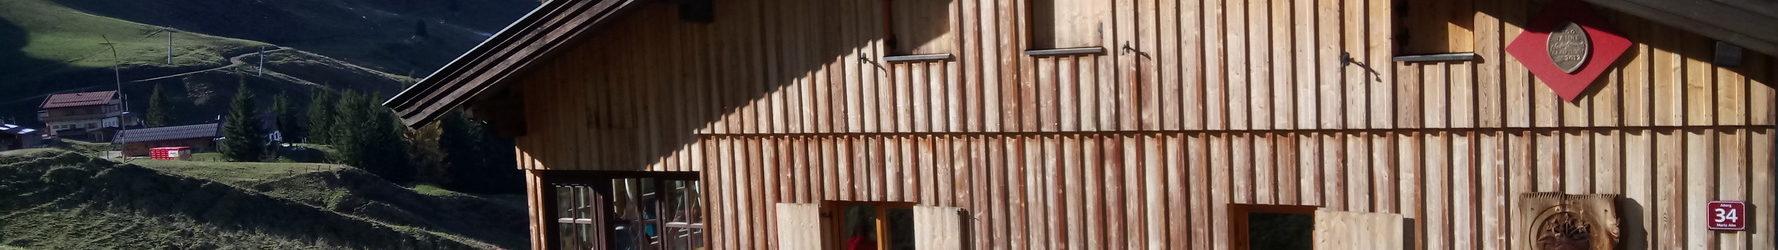 Kastanienessen auf der Hütte